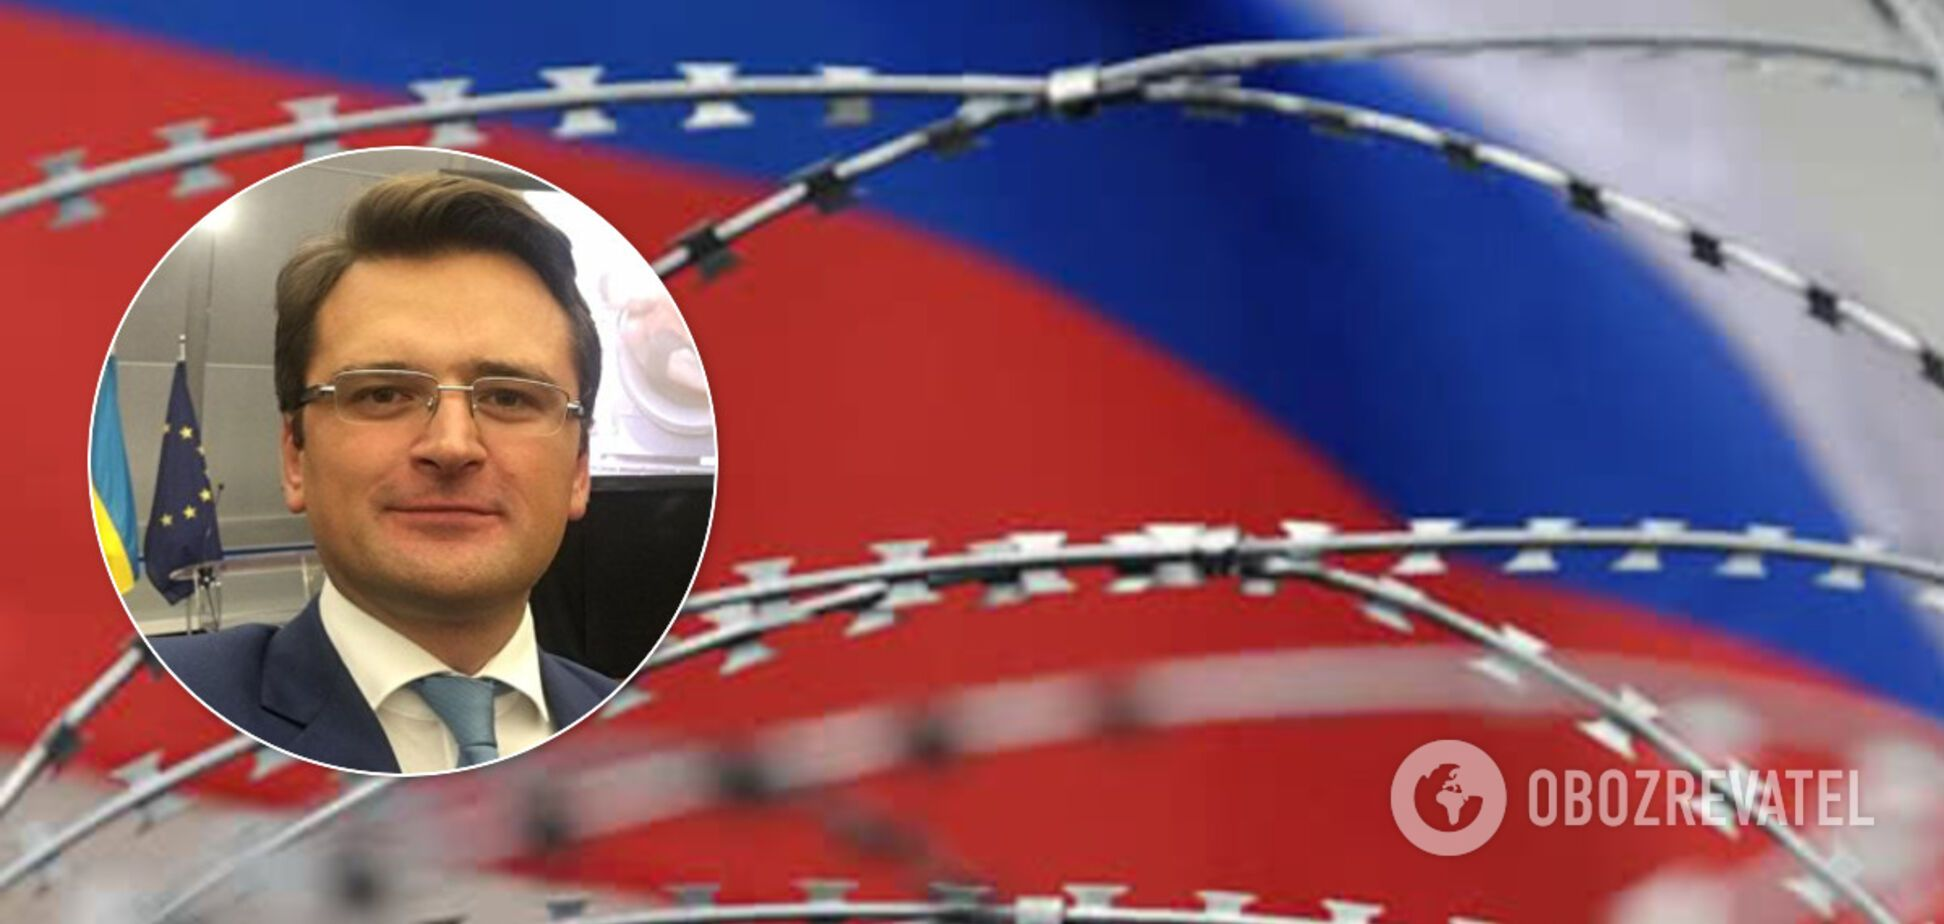 Україна попередила ЄС про провокації Росії: у Москві звинуватили Київ у істериці